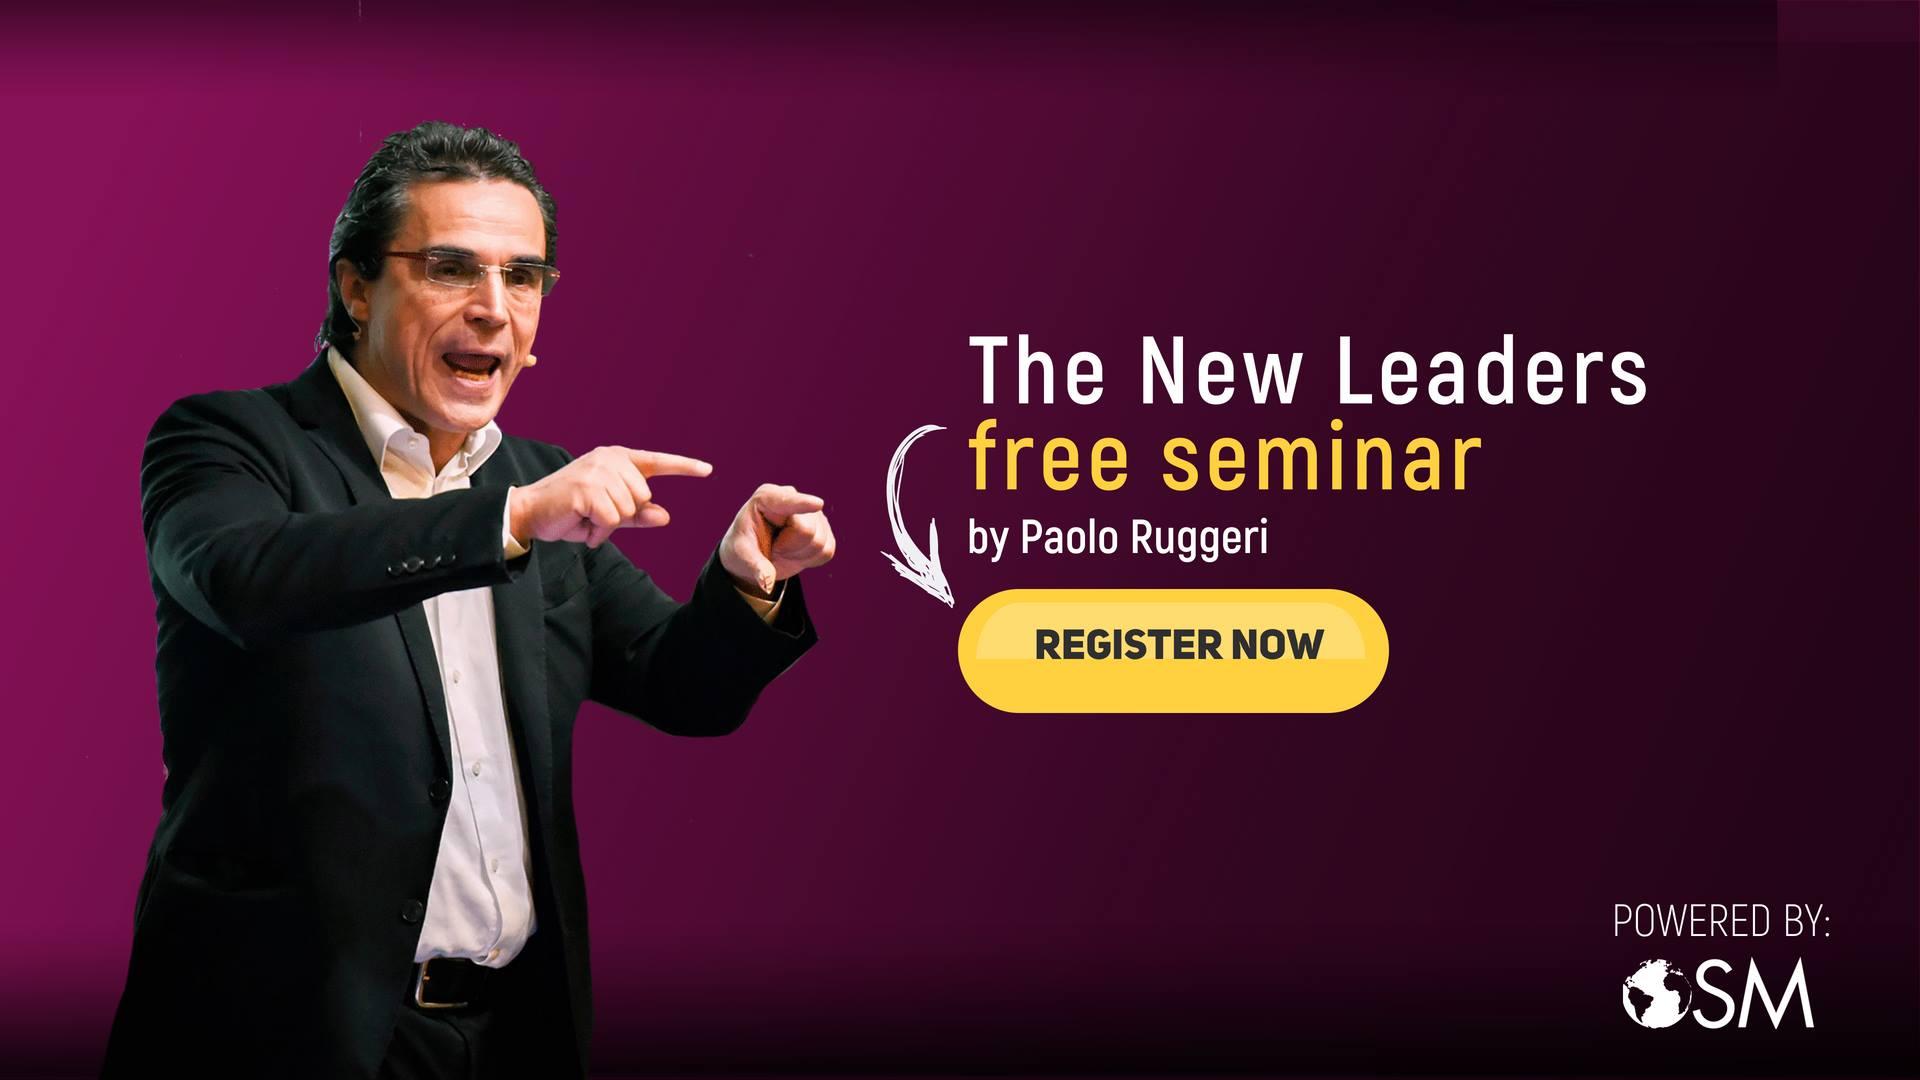 osm qatar seminario - register now